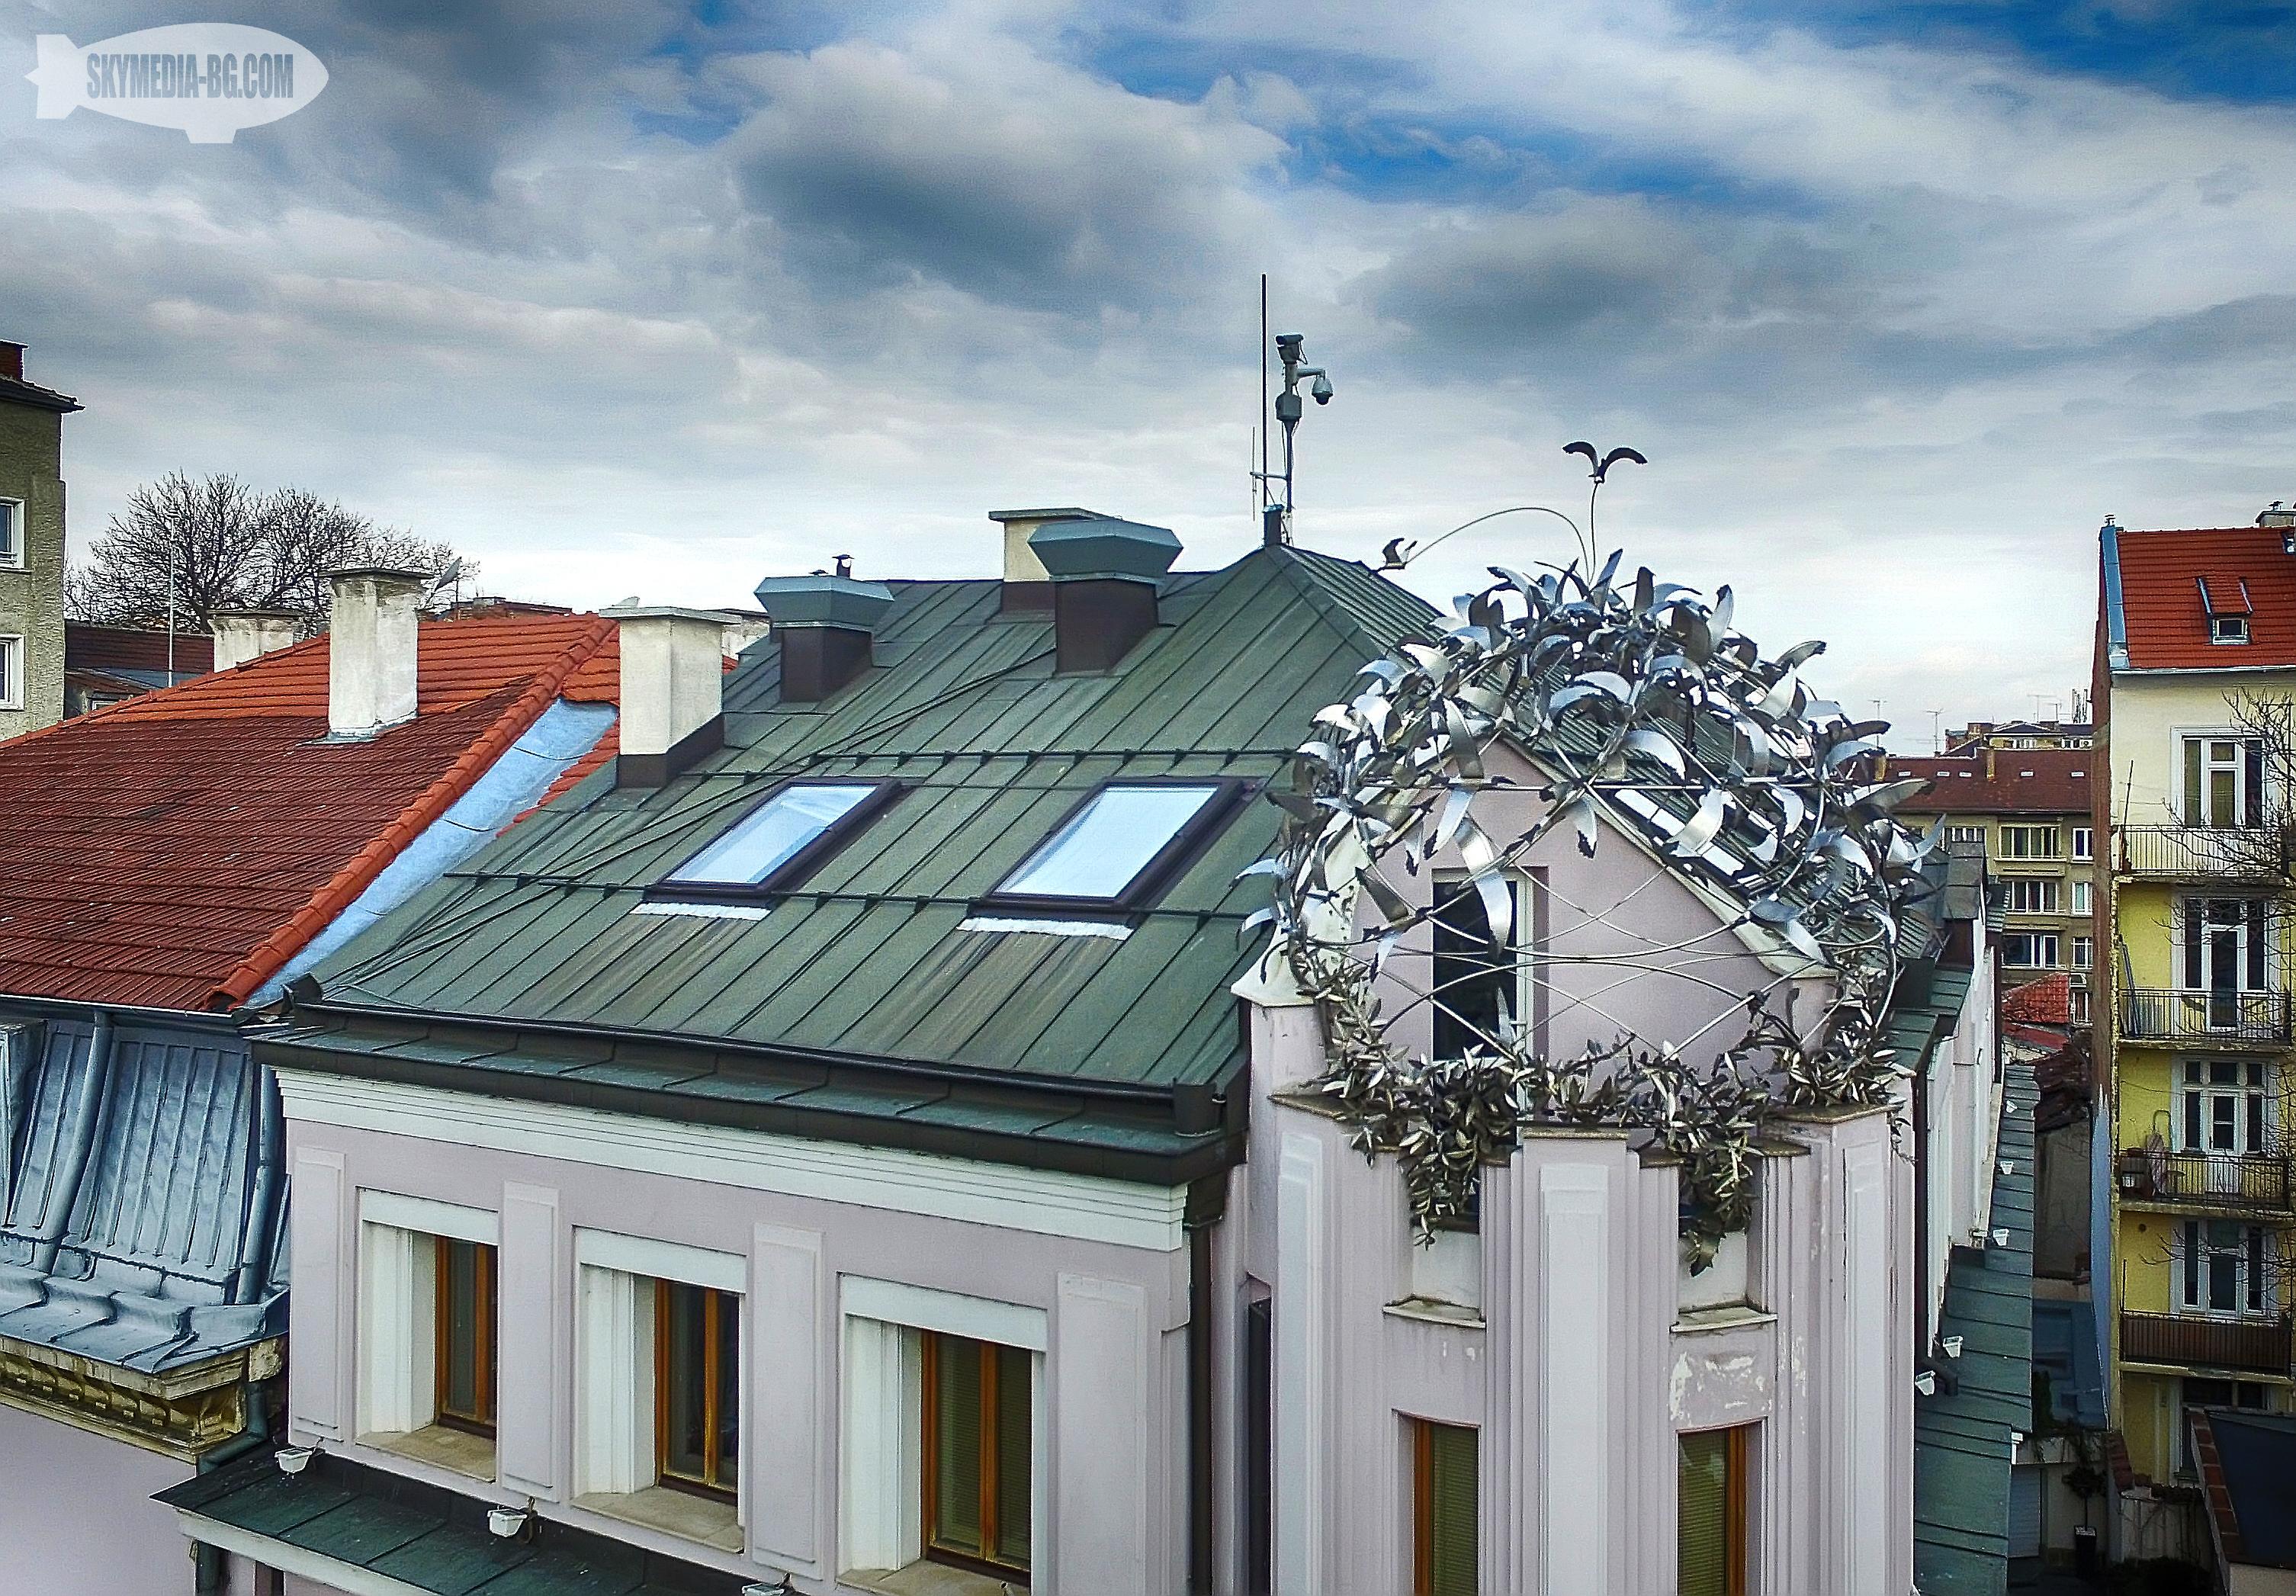 """Сградата на """"Нове холдинг"""" на ул. """"Московска"""" 43 с един от малкото покриви декориран със съвременно изкуство в София. Тук се е намирал домът на Евстрати и Евлоги Гешови – наследници на Иван Евстратиев Гешов."""